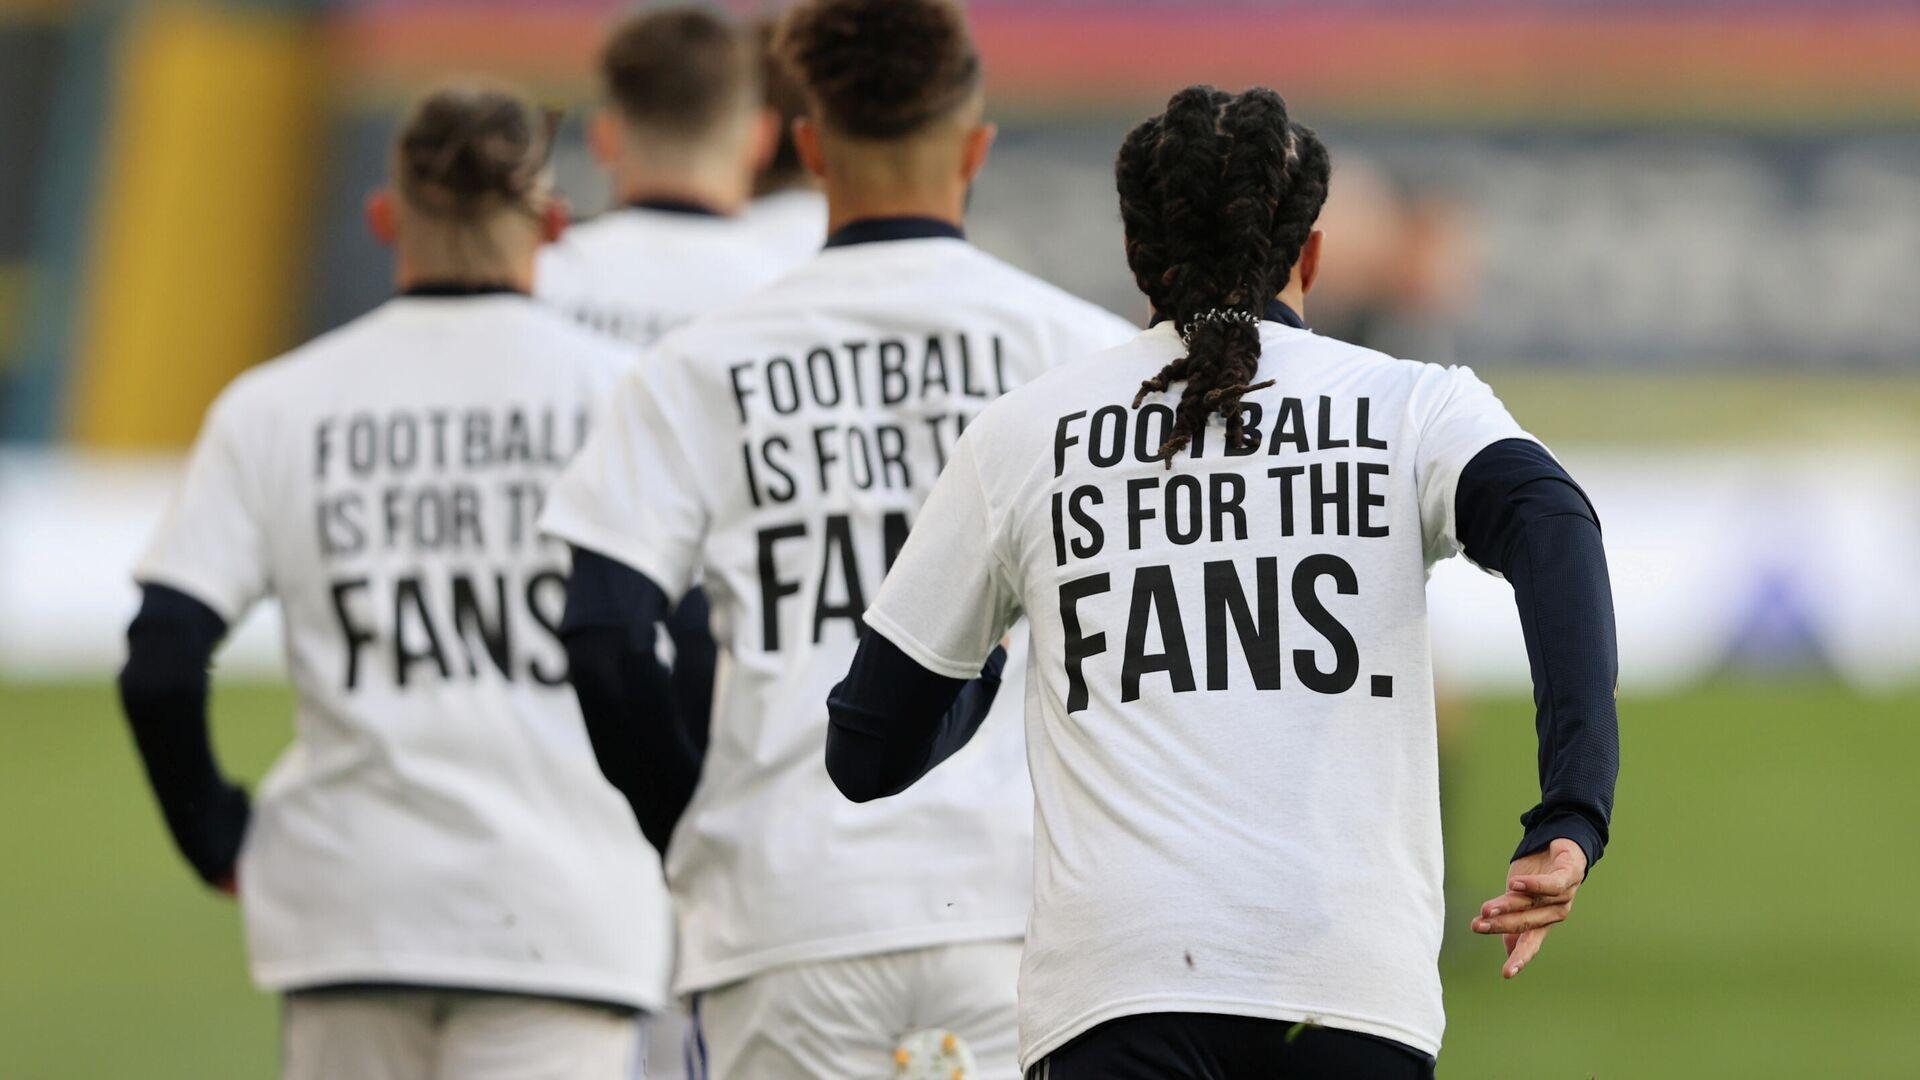 Jugadores del Leeds United protestan contra la Superliga: El fútbol es para los fans - Sputnik Mundo, 1920, 20.04.2021